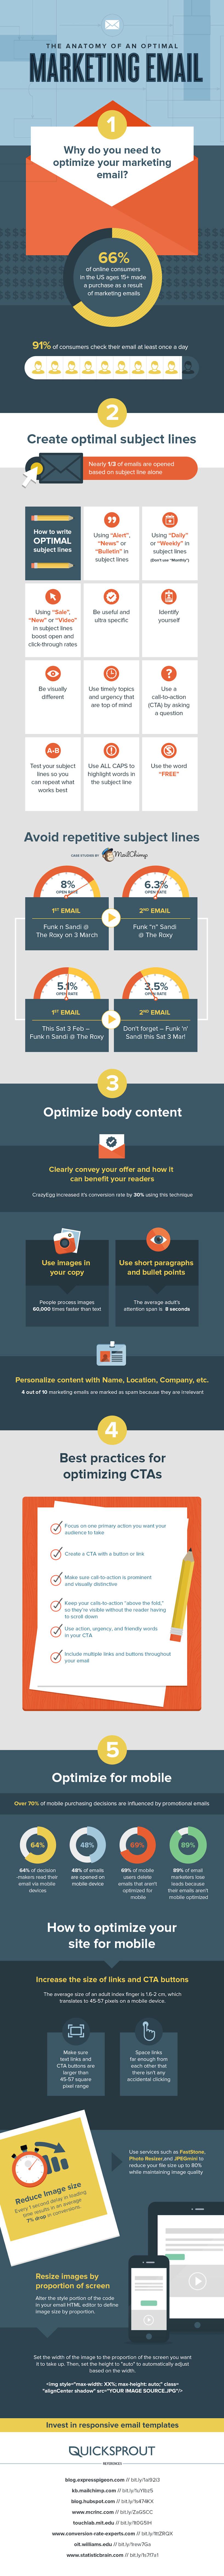 Infografía sobre email marketing